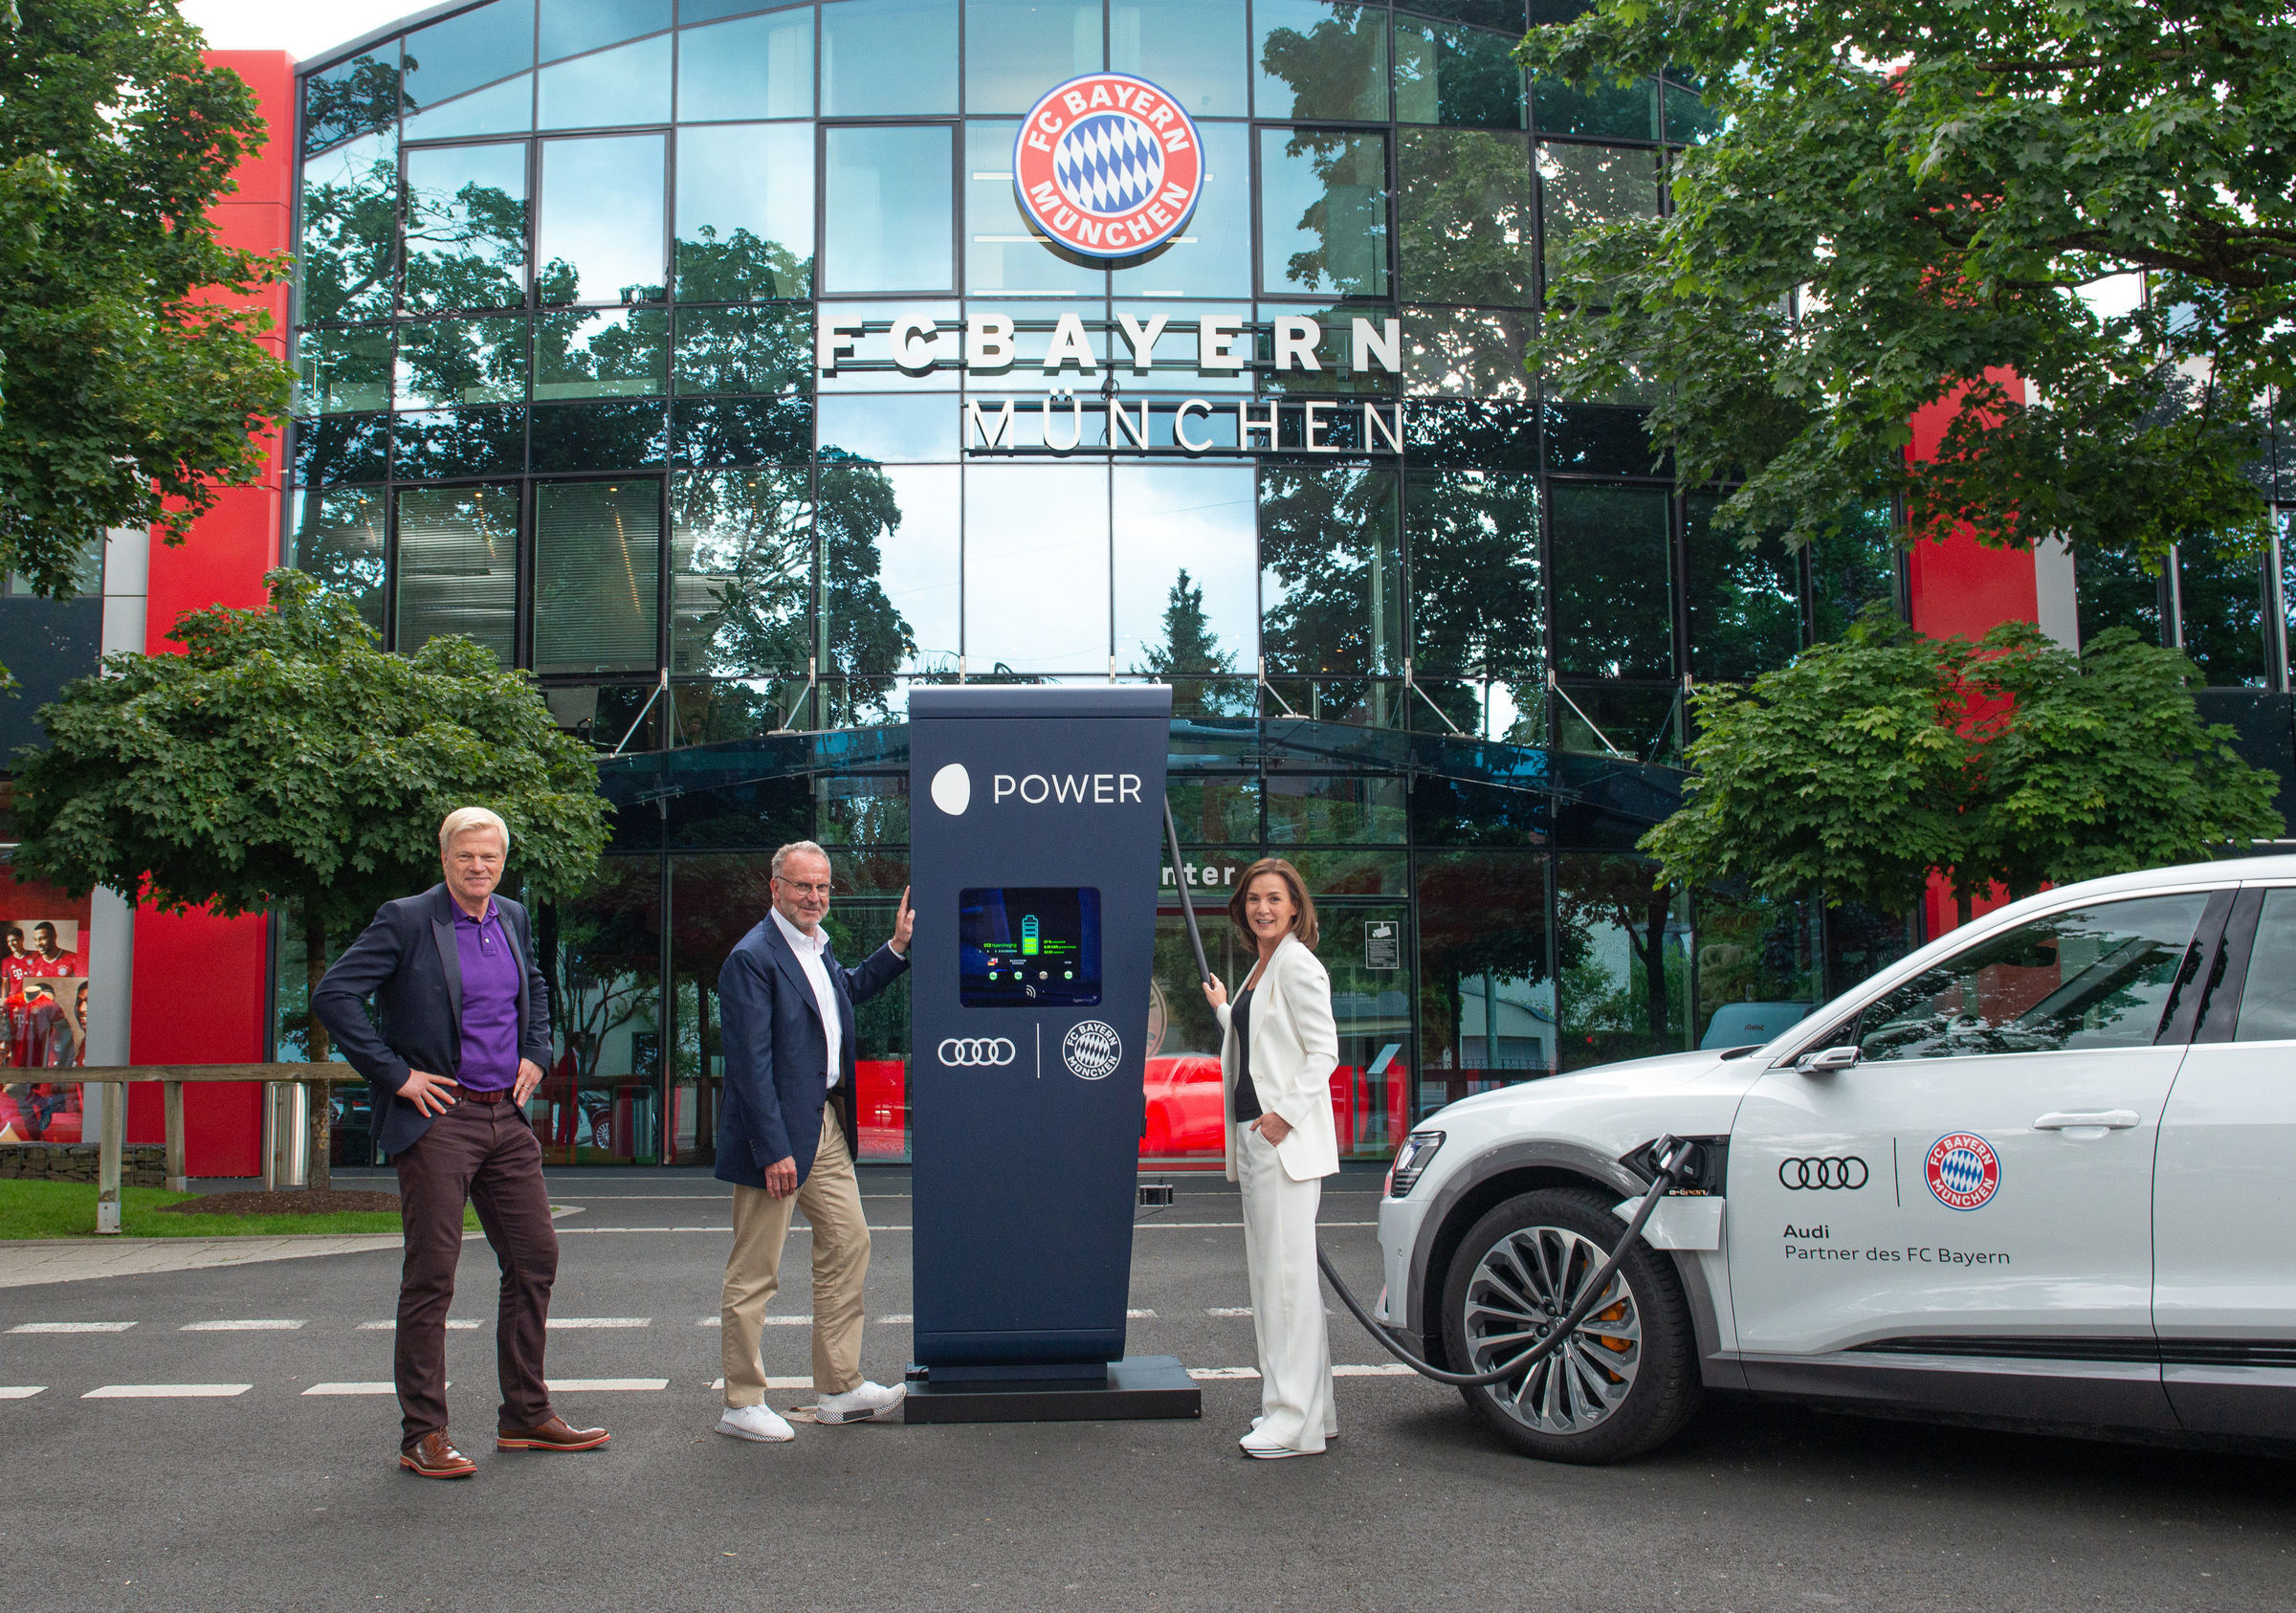 Audi stattet FC Bayern-Trainingsgelände mit Ladepunkten aus